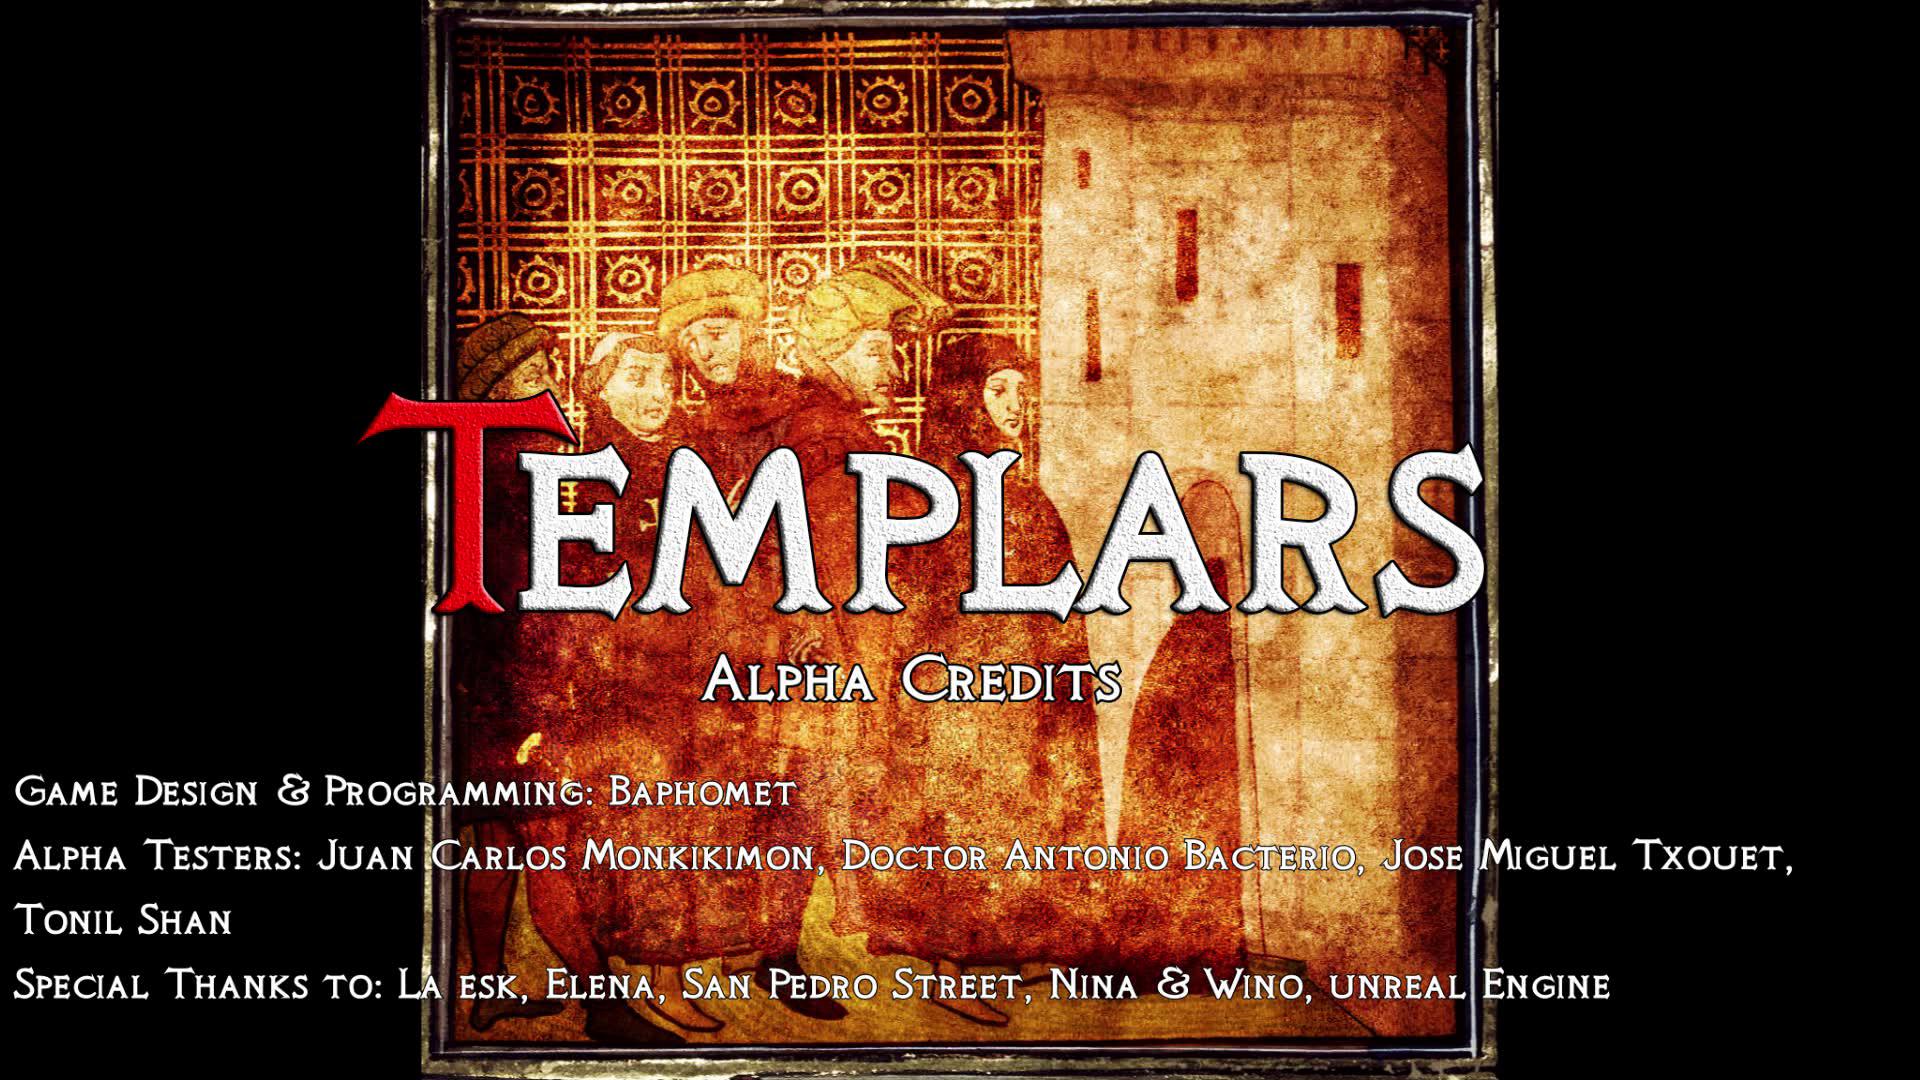 Templars Alpha Credits